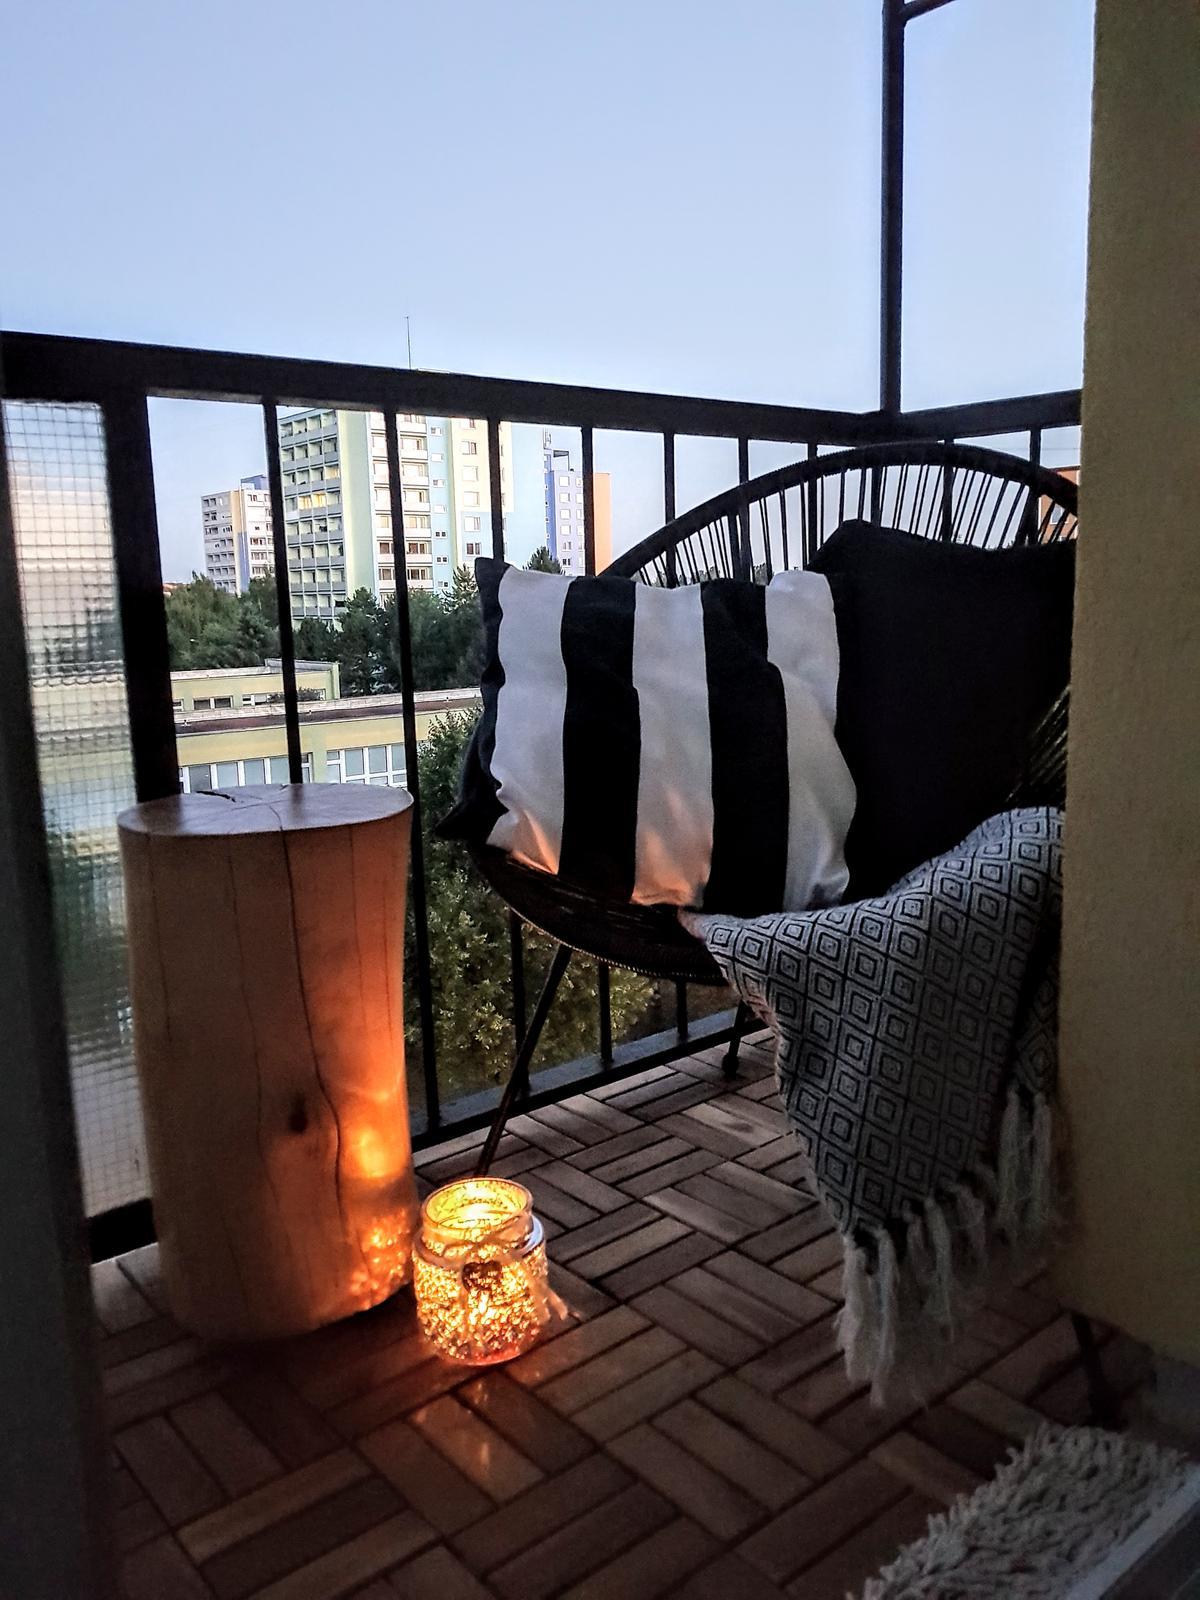 🖤 keď drobnosti robia radosť 🖤 - večerná pohodička na balkone